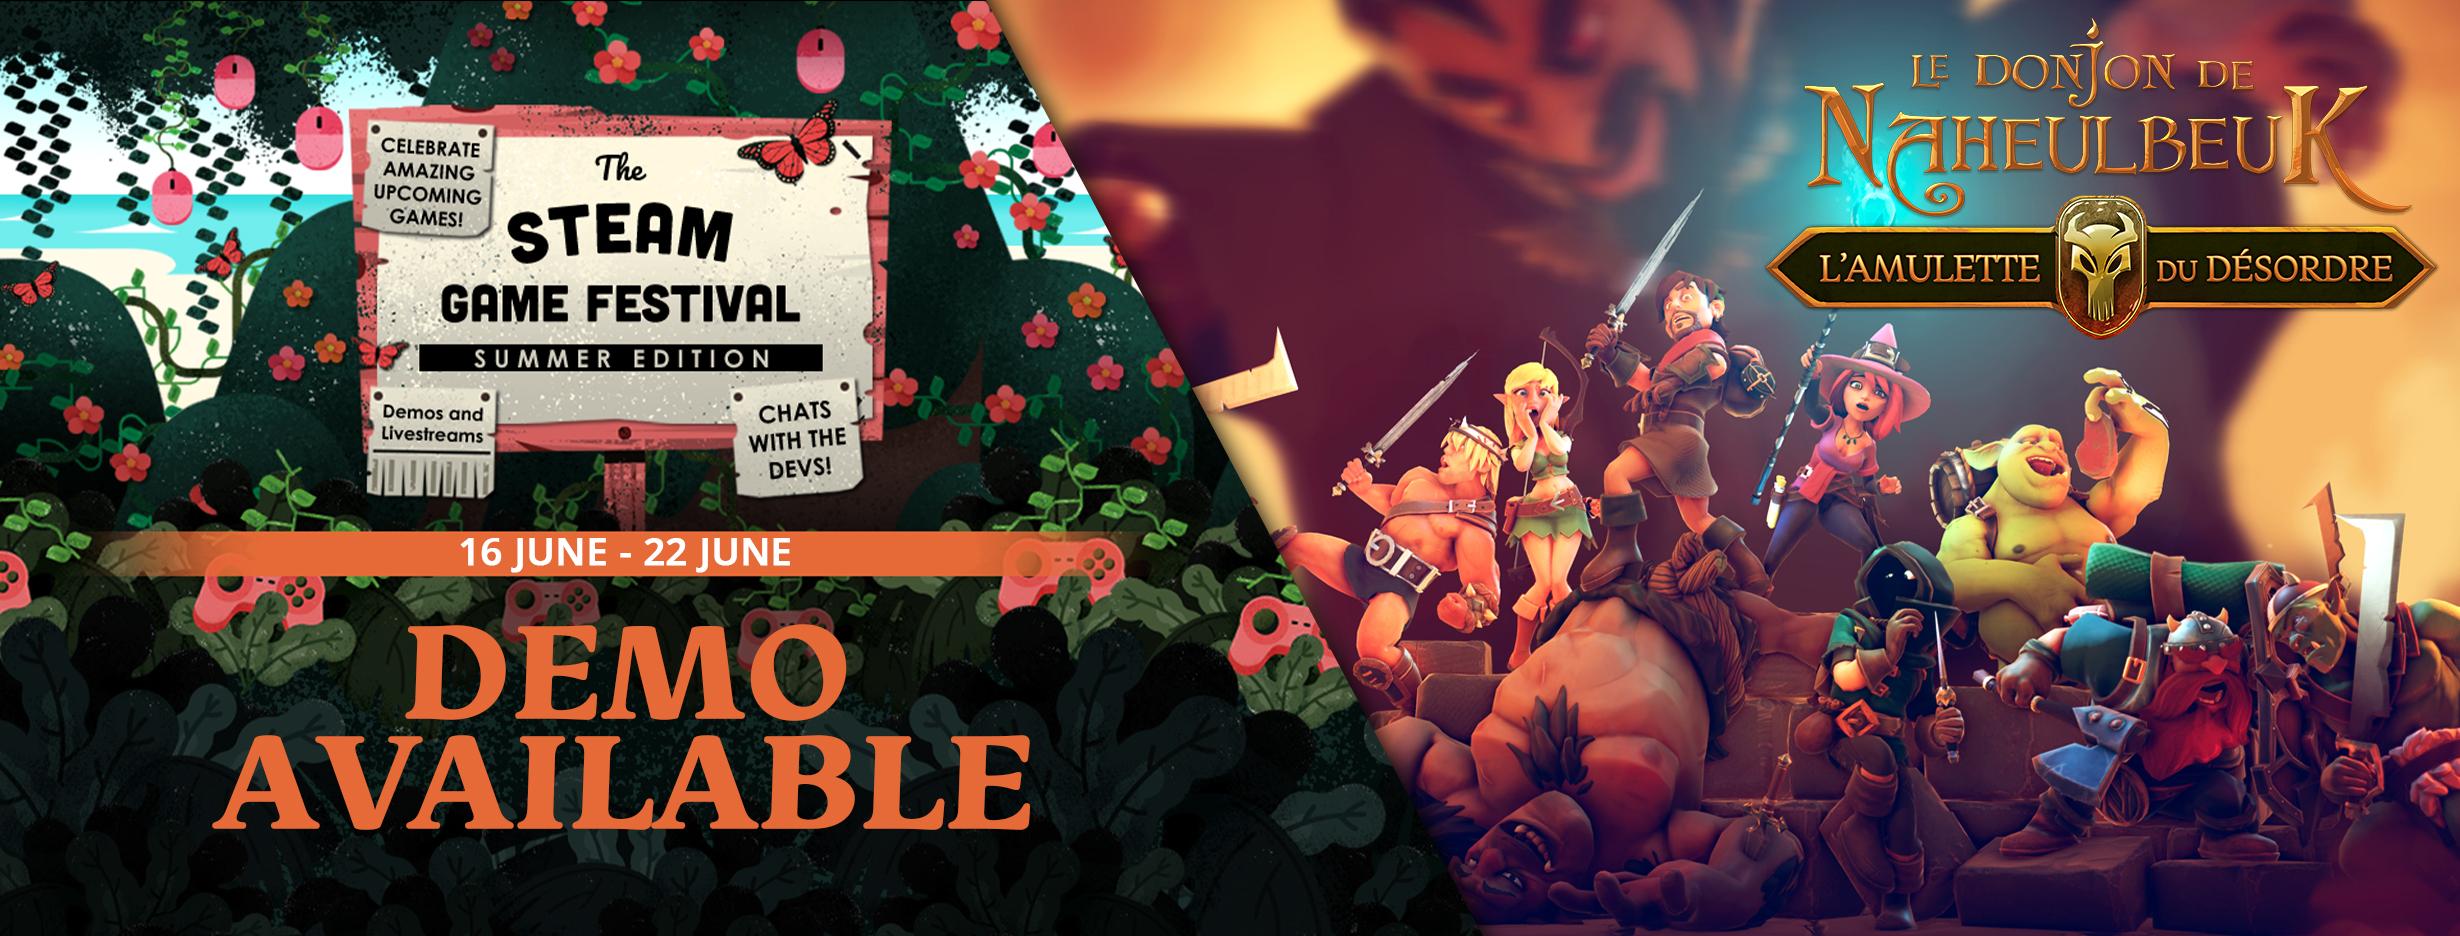 Steam Game Festival Banner Faceb